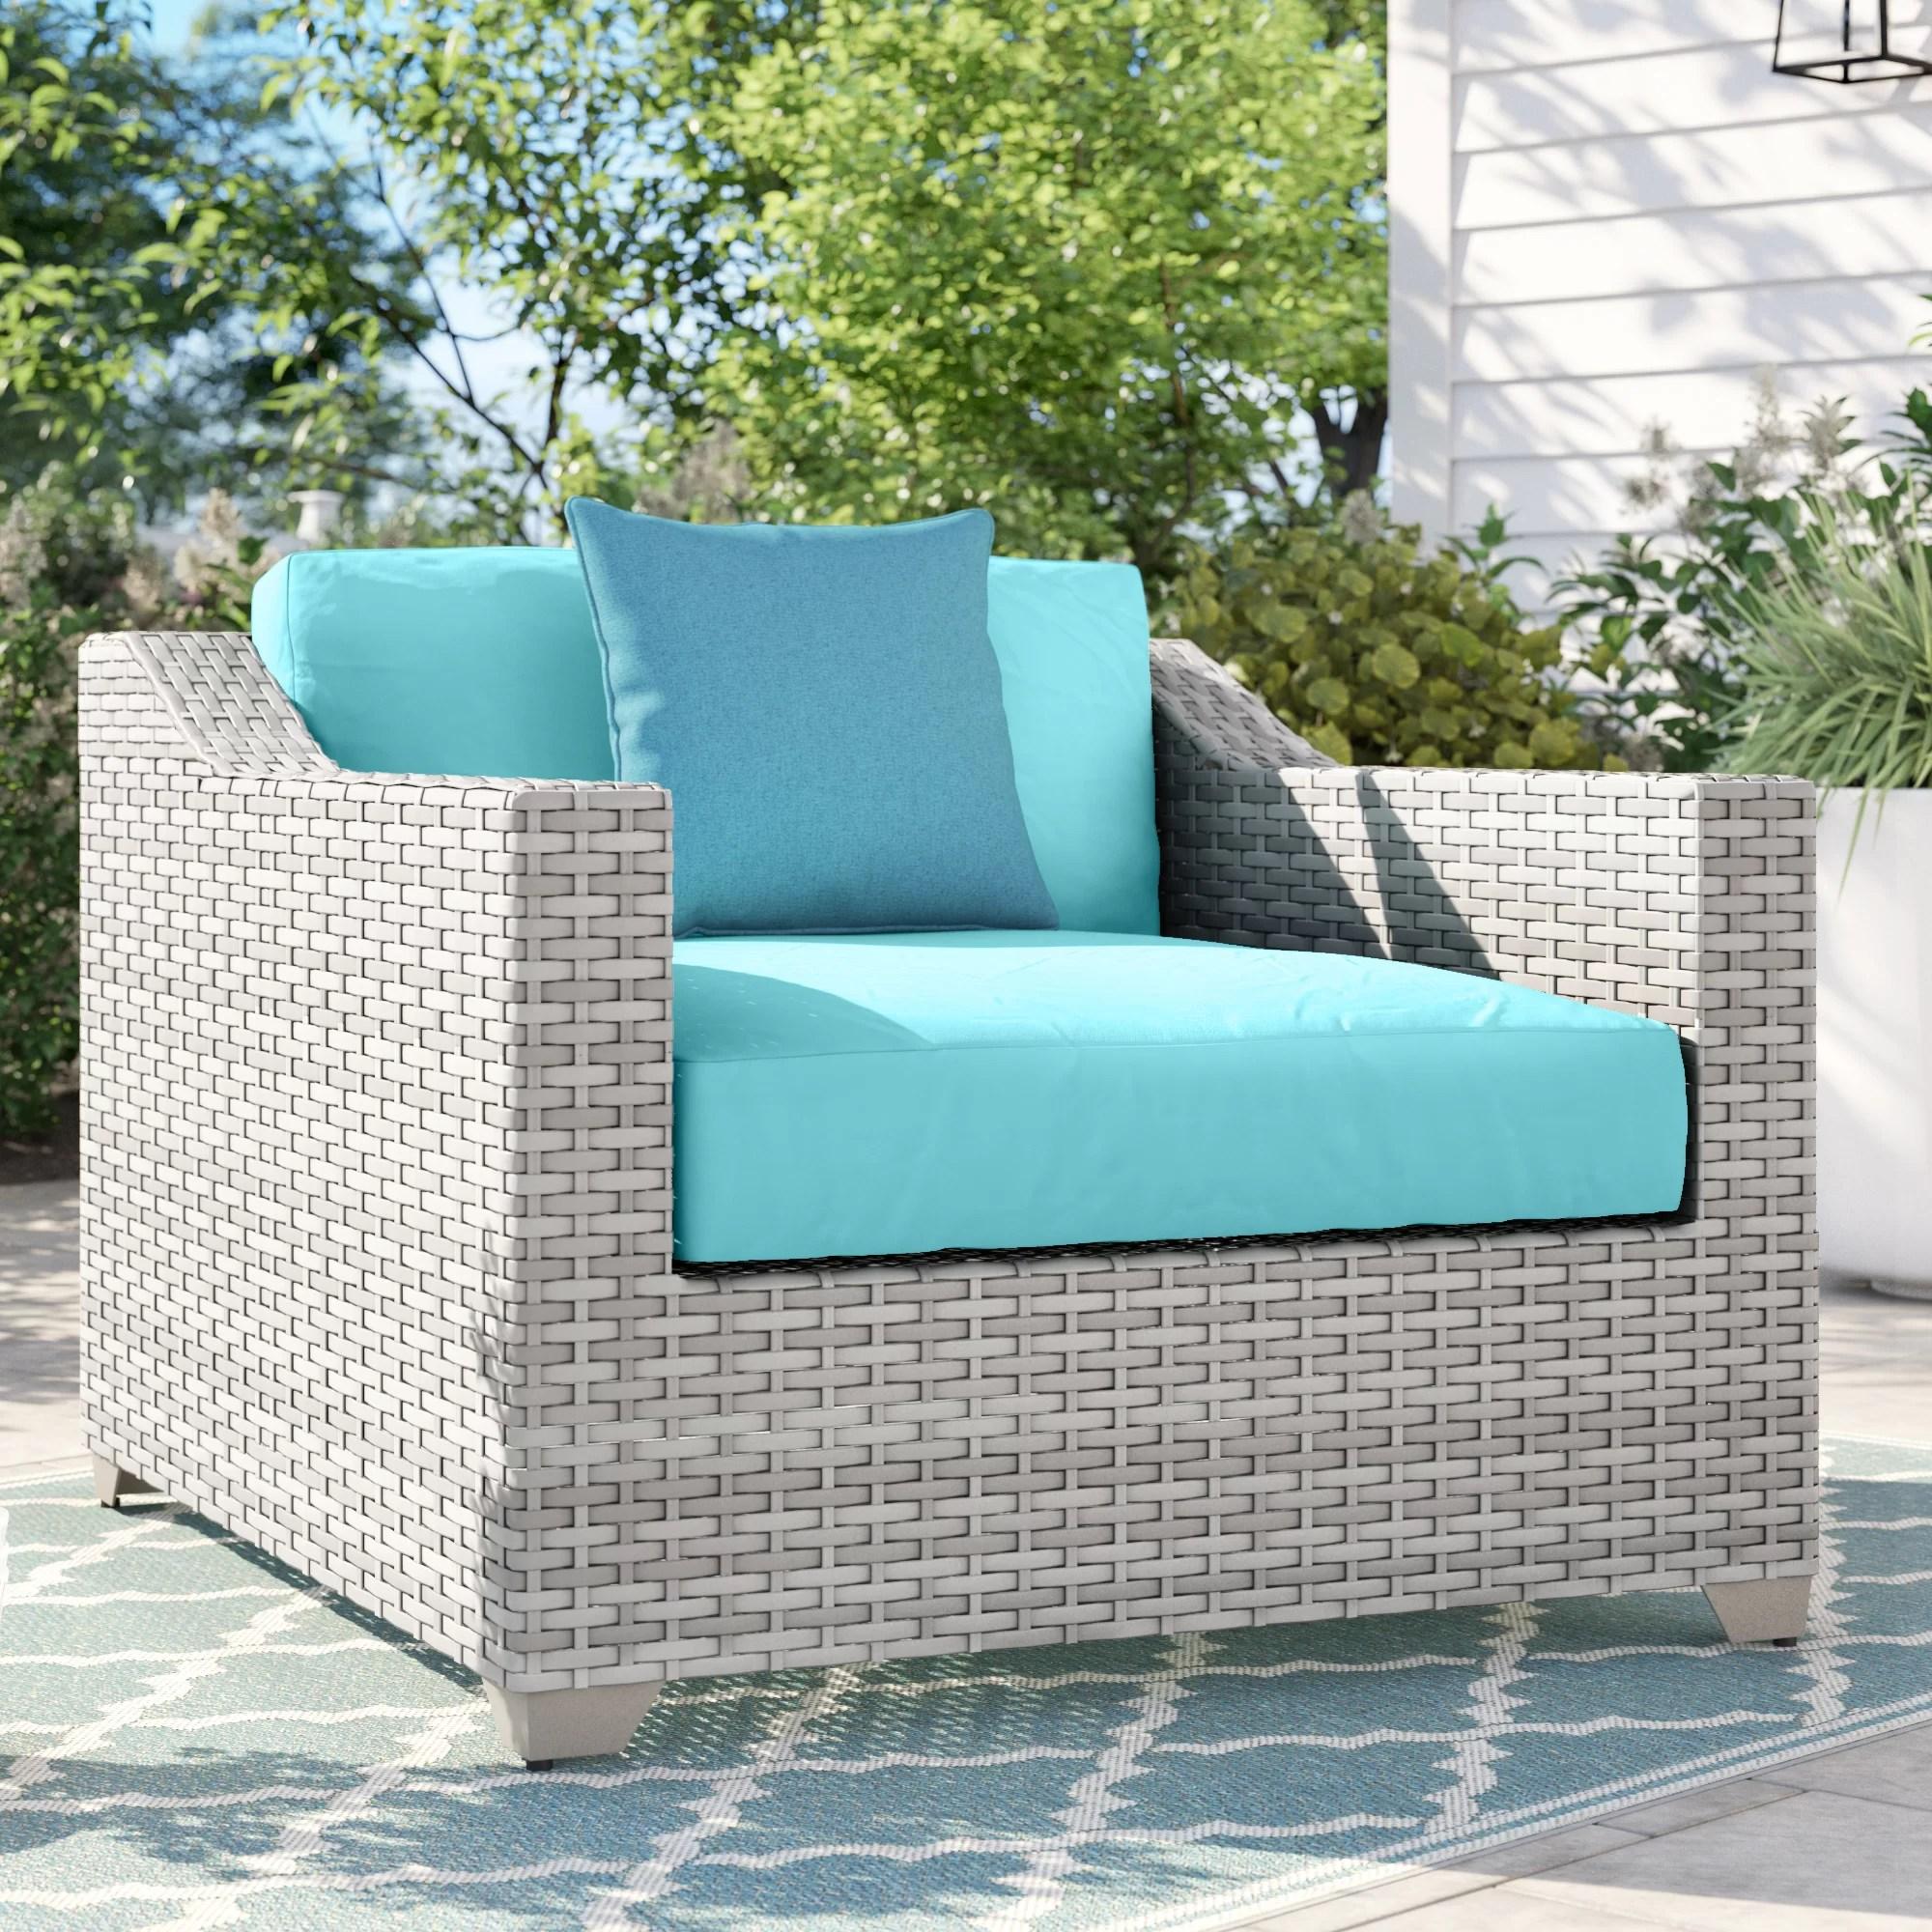 patio cushions cheaper than retail